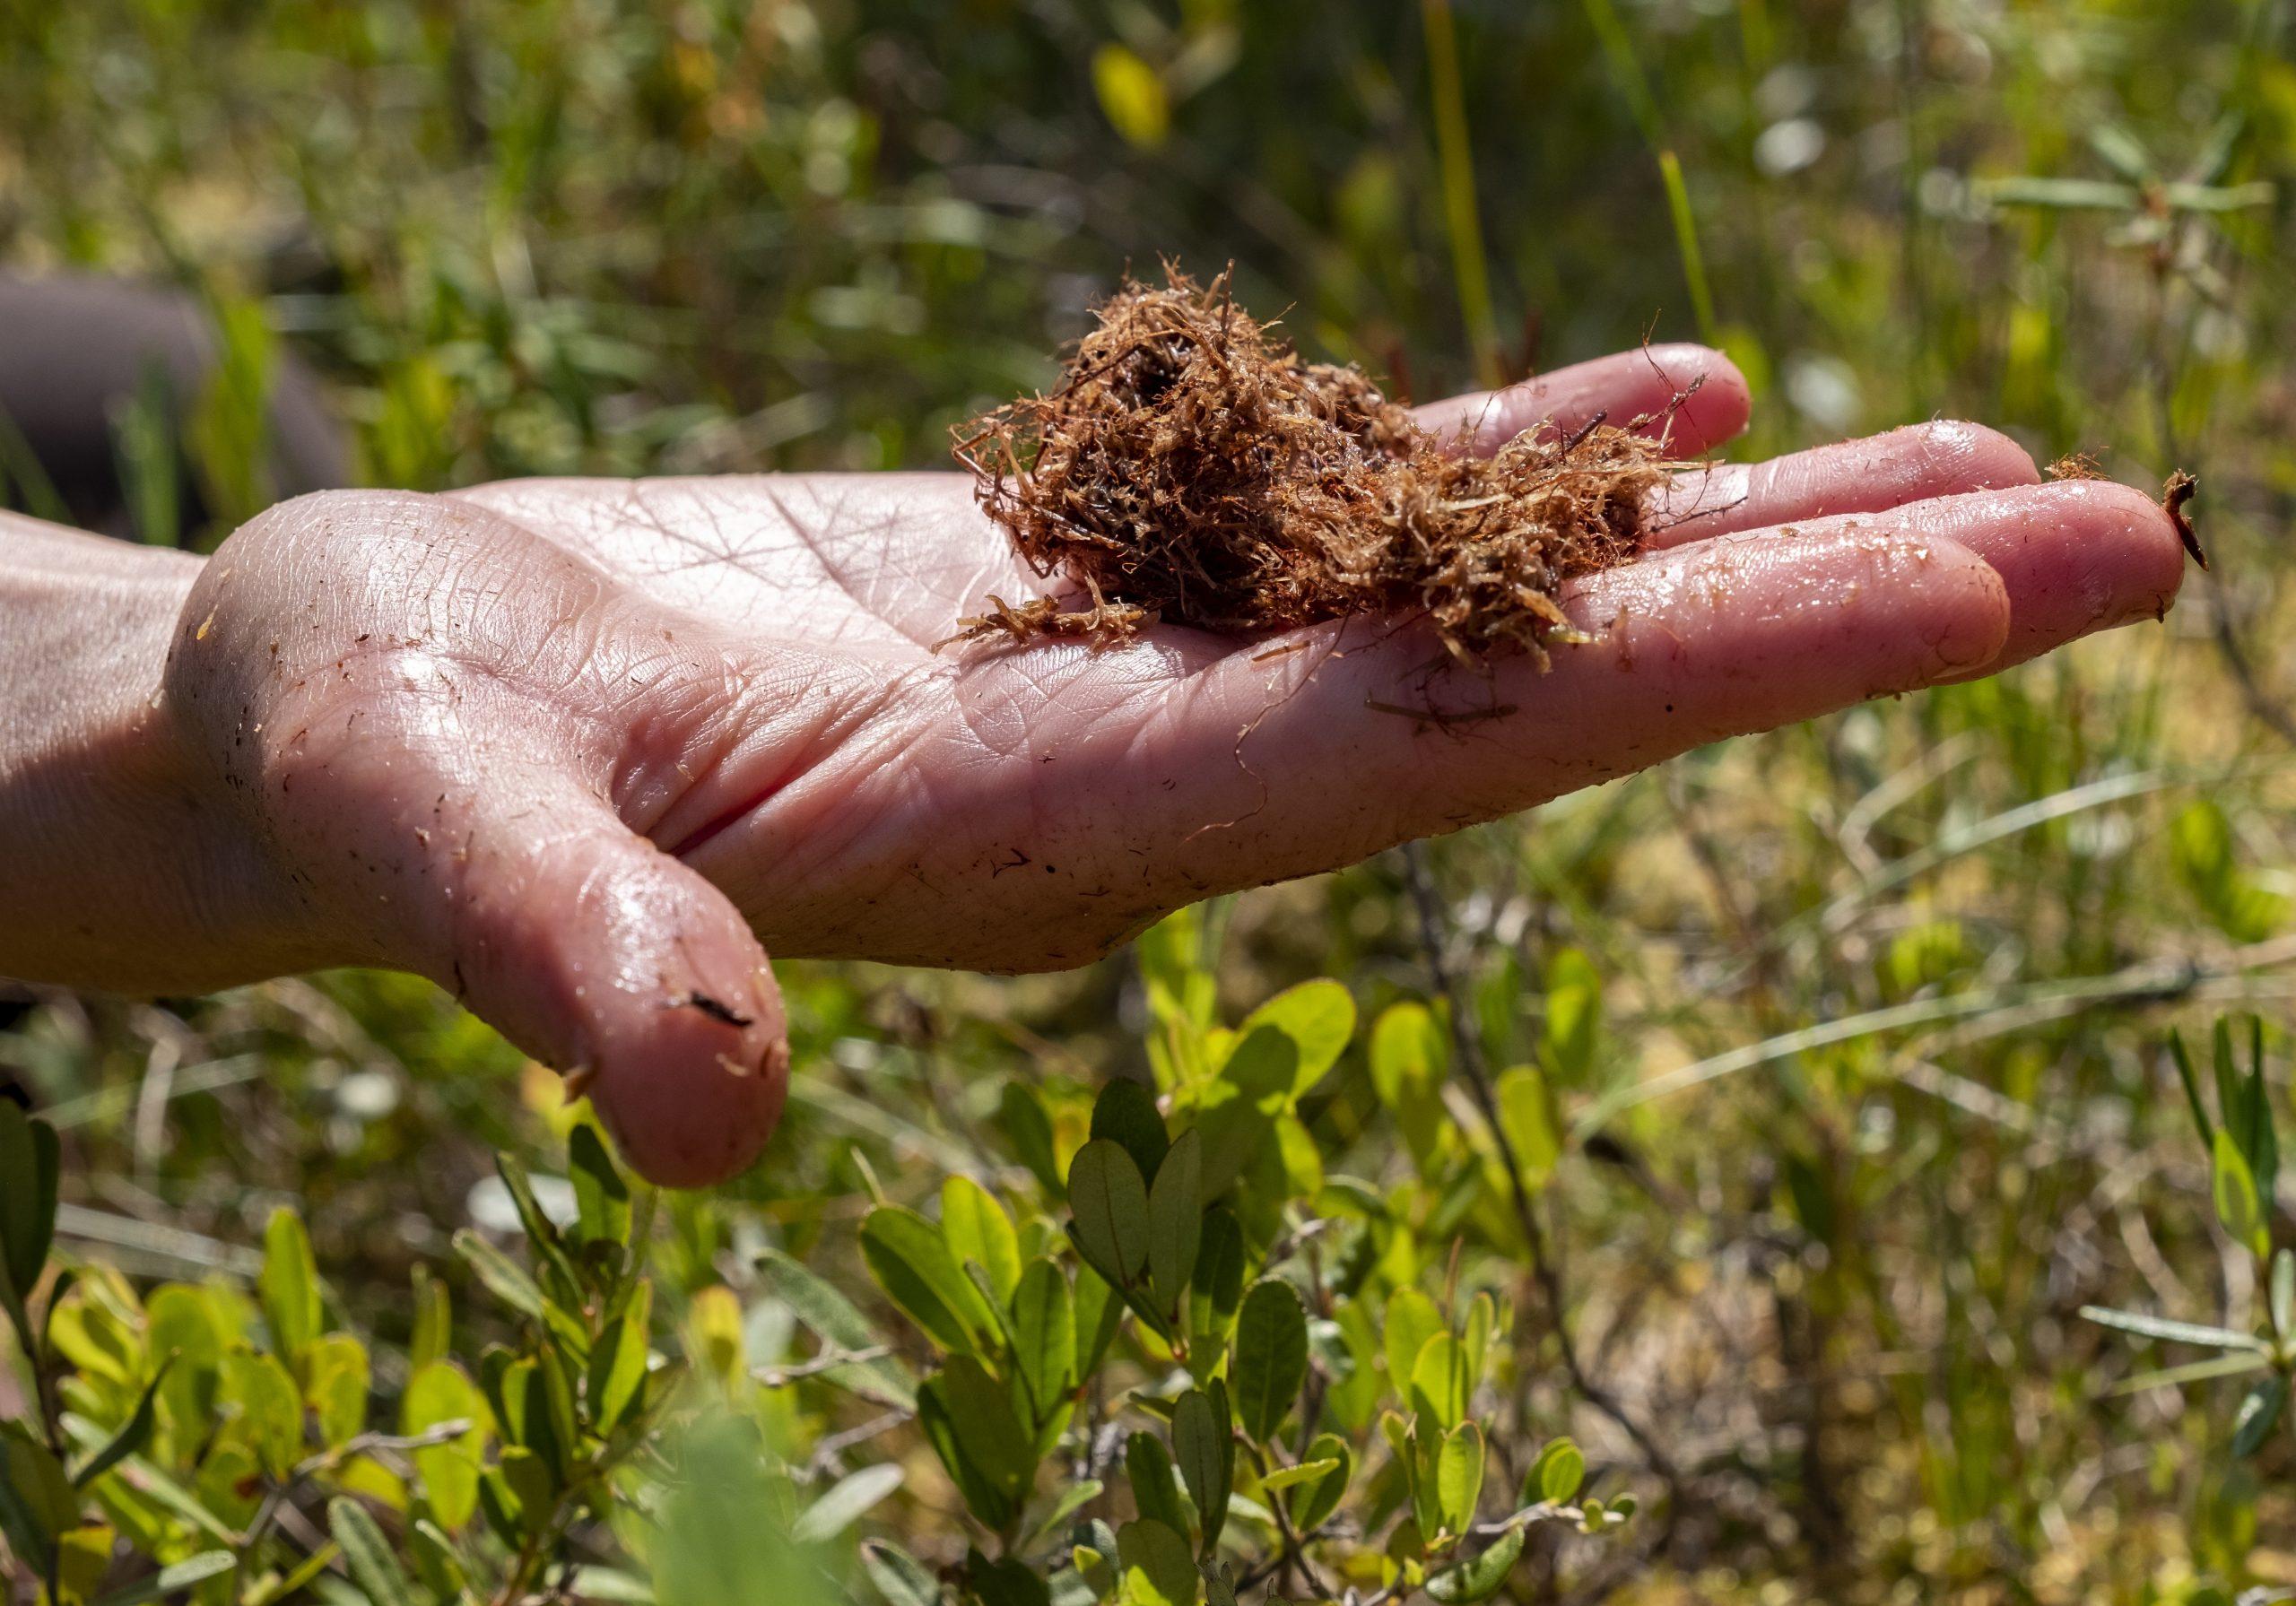 İnsanlar neden Saskatchewan'ın misketini hasat etme planına karşı çıkıyorlar?